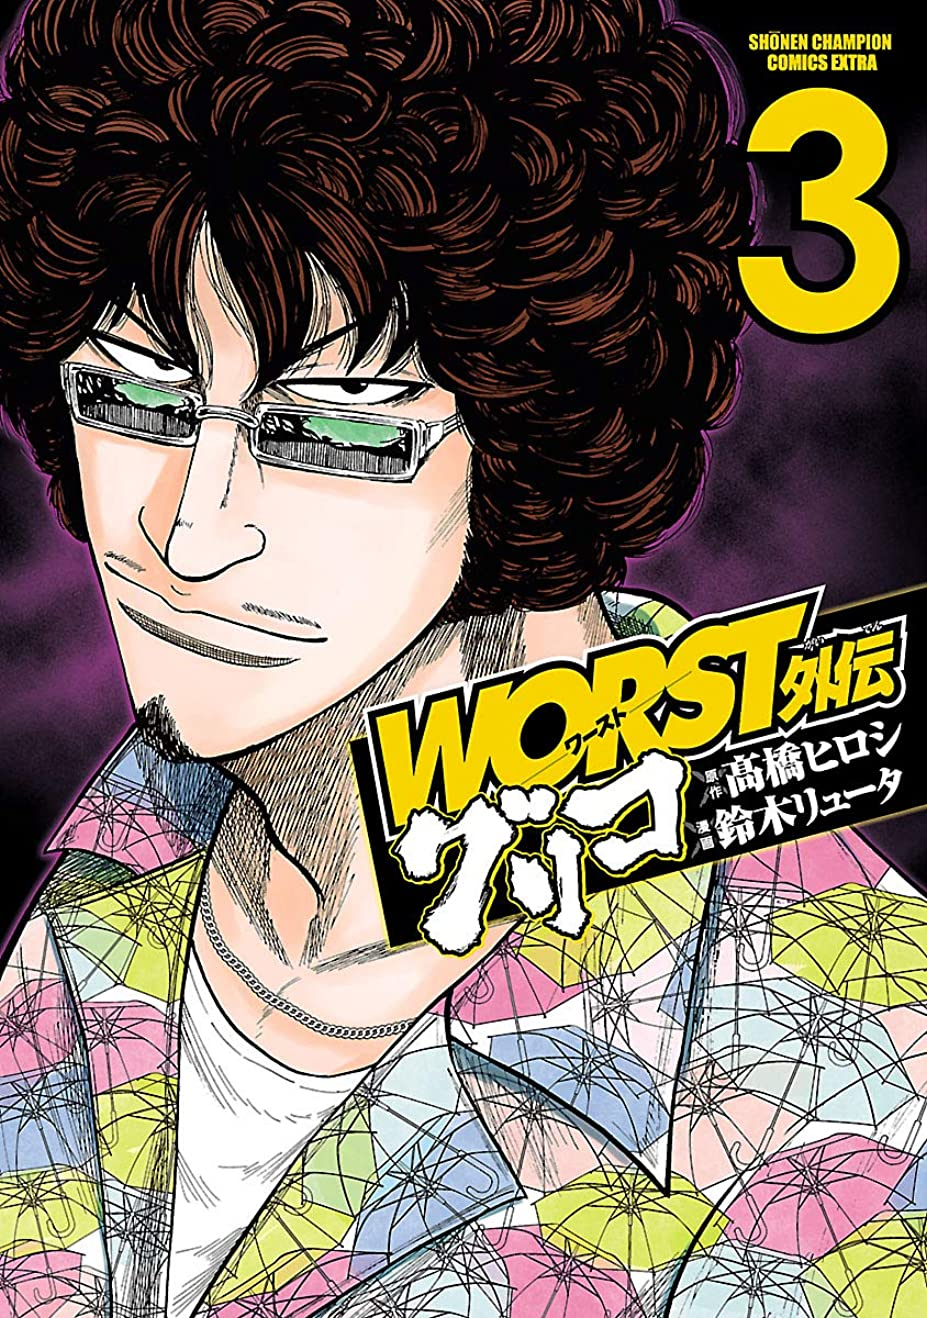 挑発する白菜舗装するWORST外伝 グリコ 3 (少年チャンピオン?コミックス エクストラ)